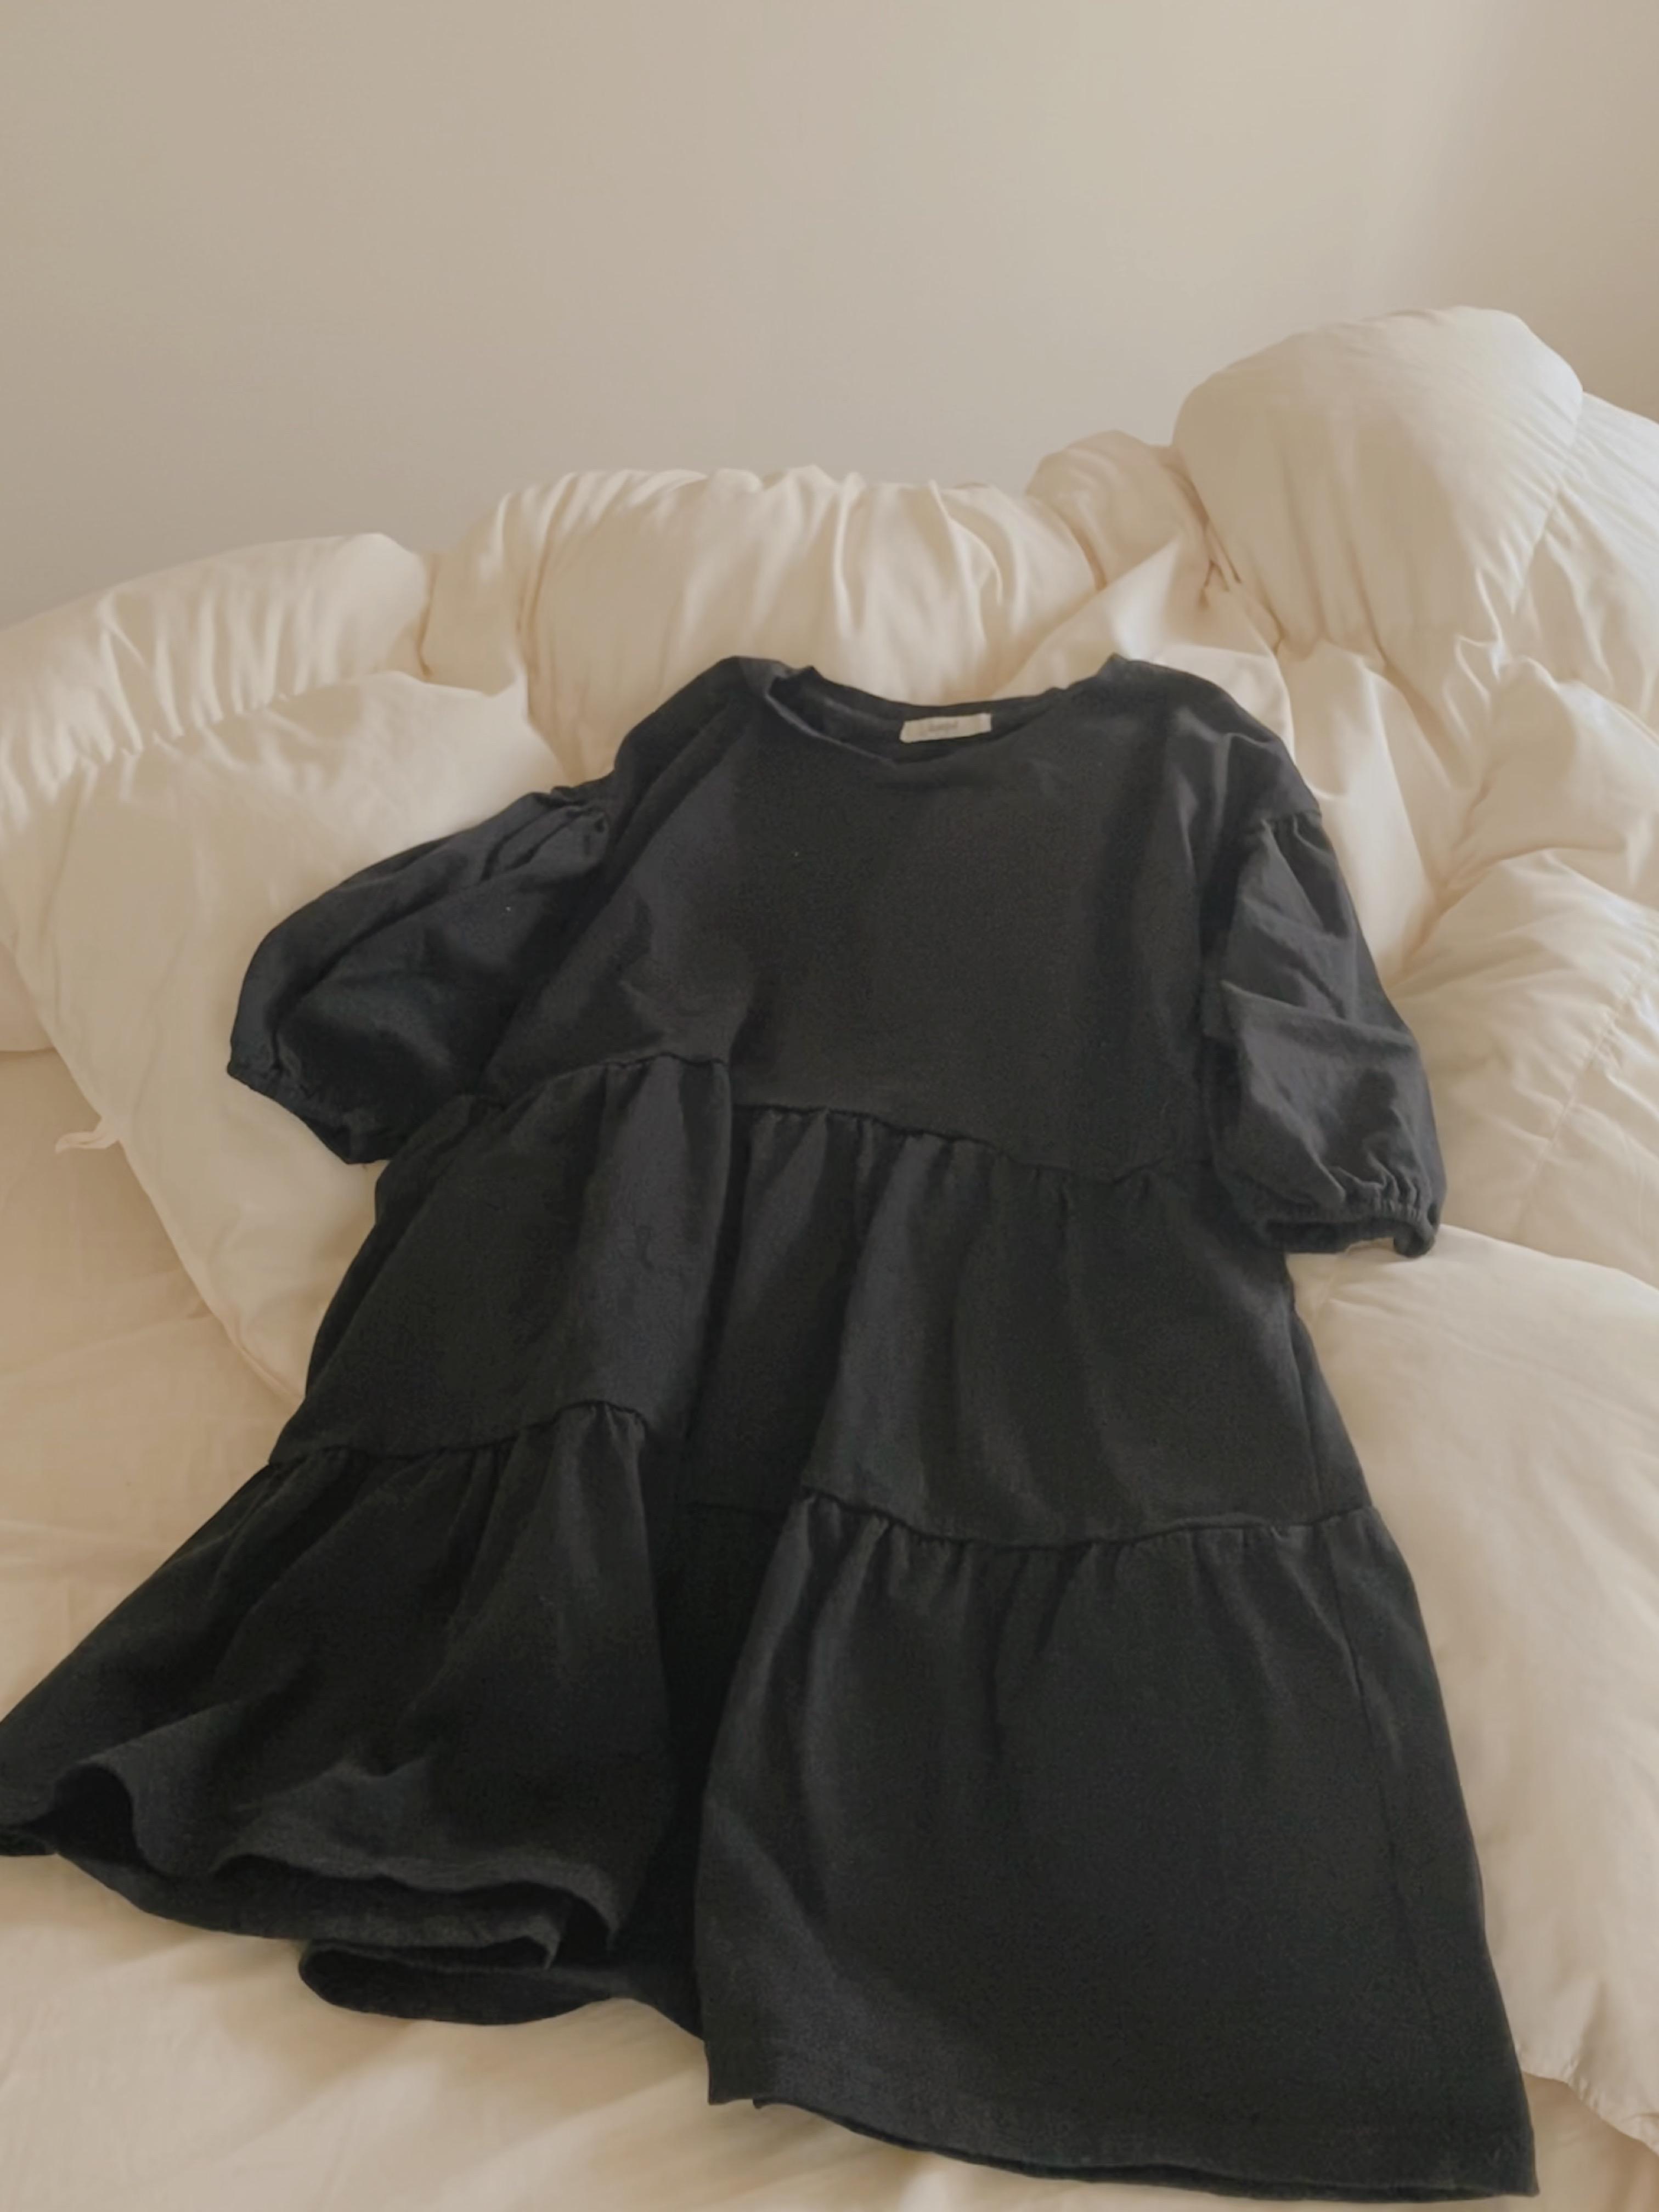 【しまむら】驚きの890円フレアブラウスを着てみた感想_1